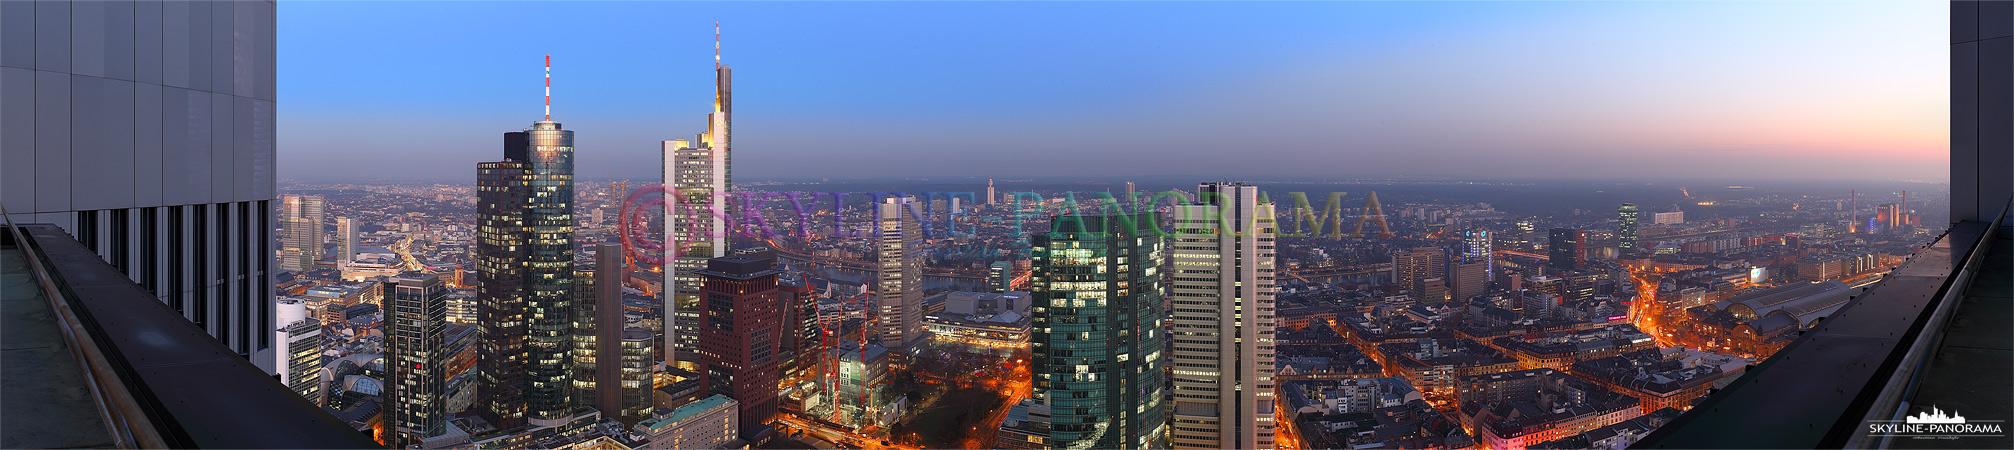 Skyline Bilder - Panorama vom Trianon Hochhaus aus in das Bankenviertel von Frankfurt am Main, die Aufnahme zeigt den abendlichen Blick Richtung Süden.